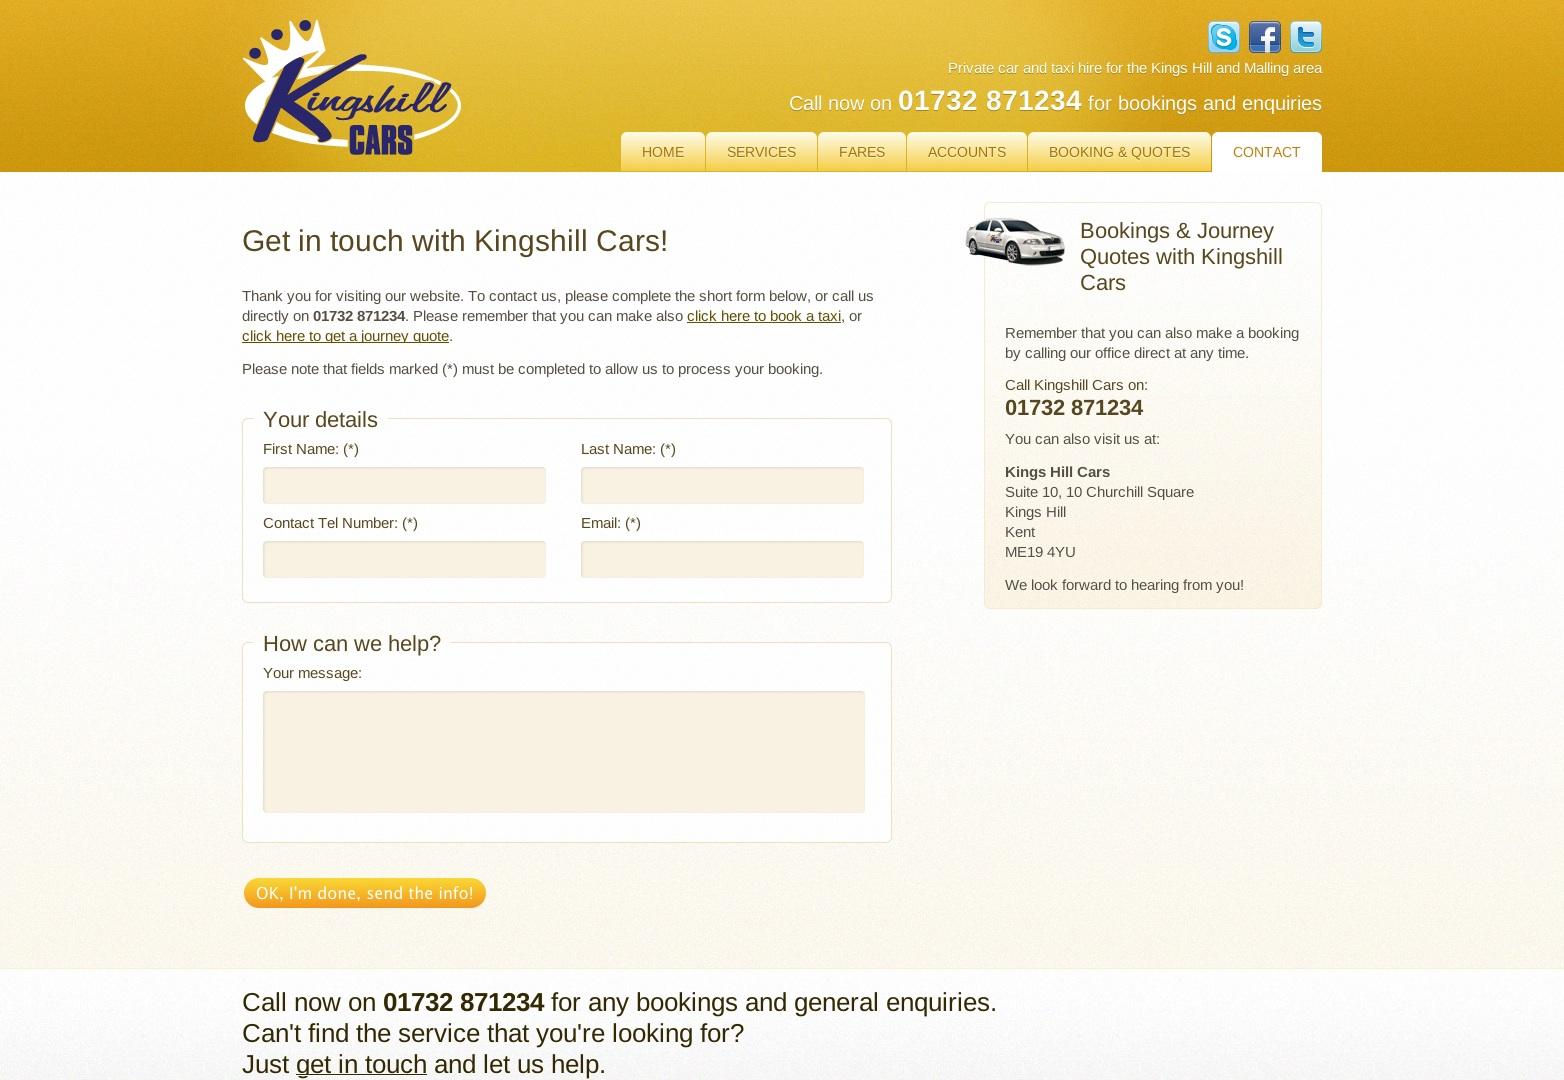 Kingshill Cars - 01732 871234 - Taxi a soukromé autopůjčovny v oblasti Kingshill a Malling